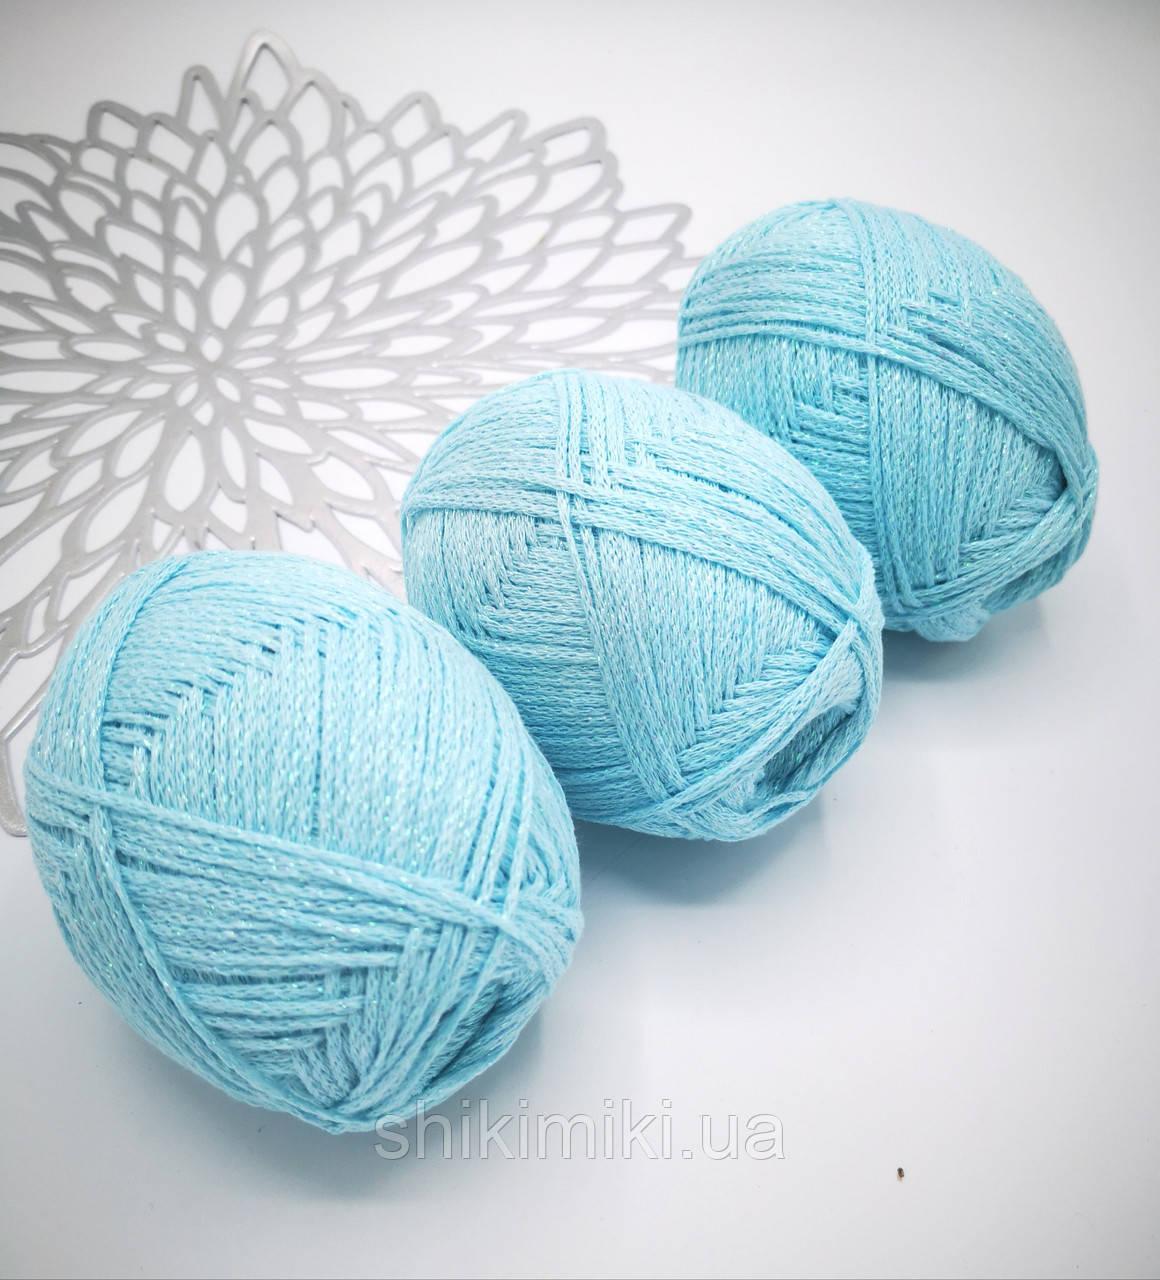 Трикотажный шнур с люрексом Knit & Shine, цвет Нежный тиффани